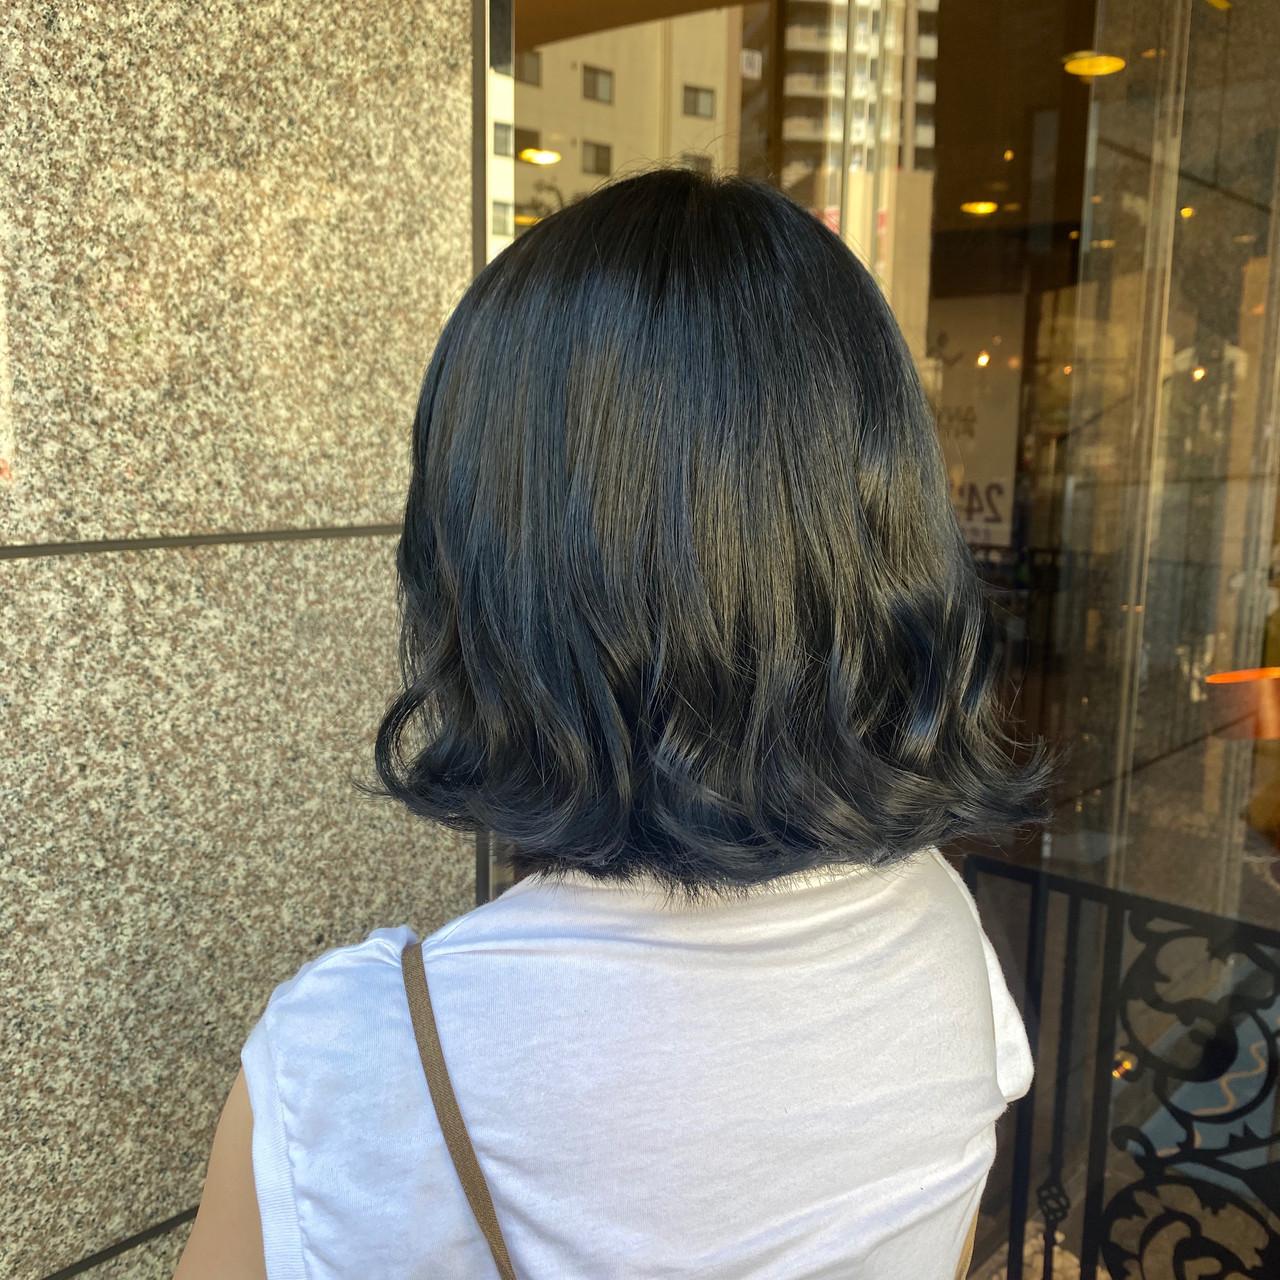 ブルーアッシュ ブルーブラック ボブ 切りっぱなしボブ ヘアスタイルや髪型の写真・画像